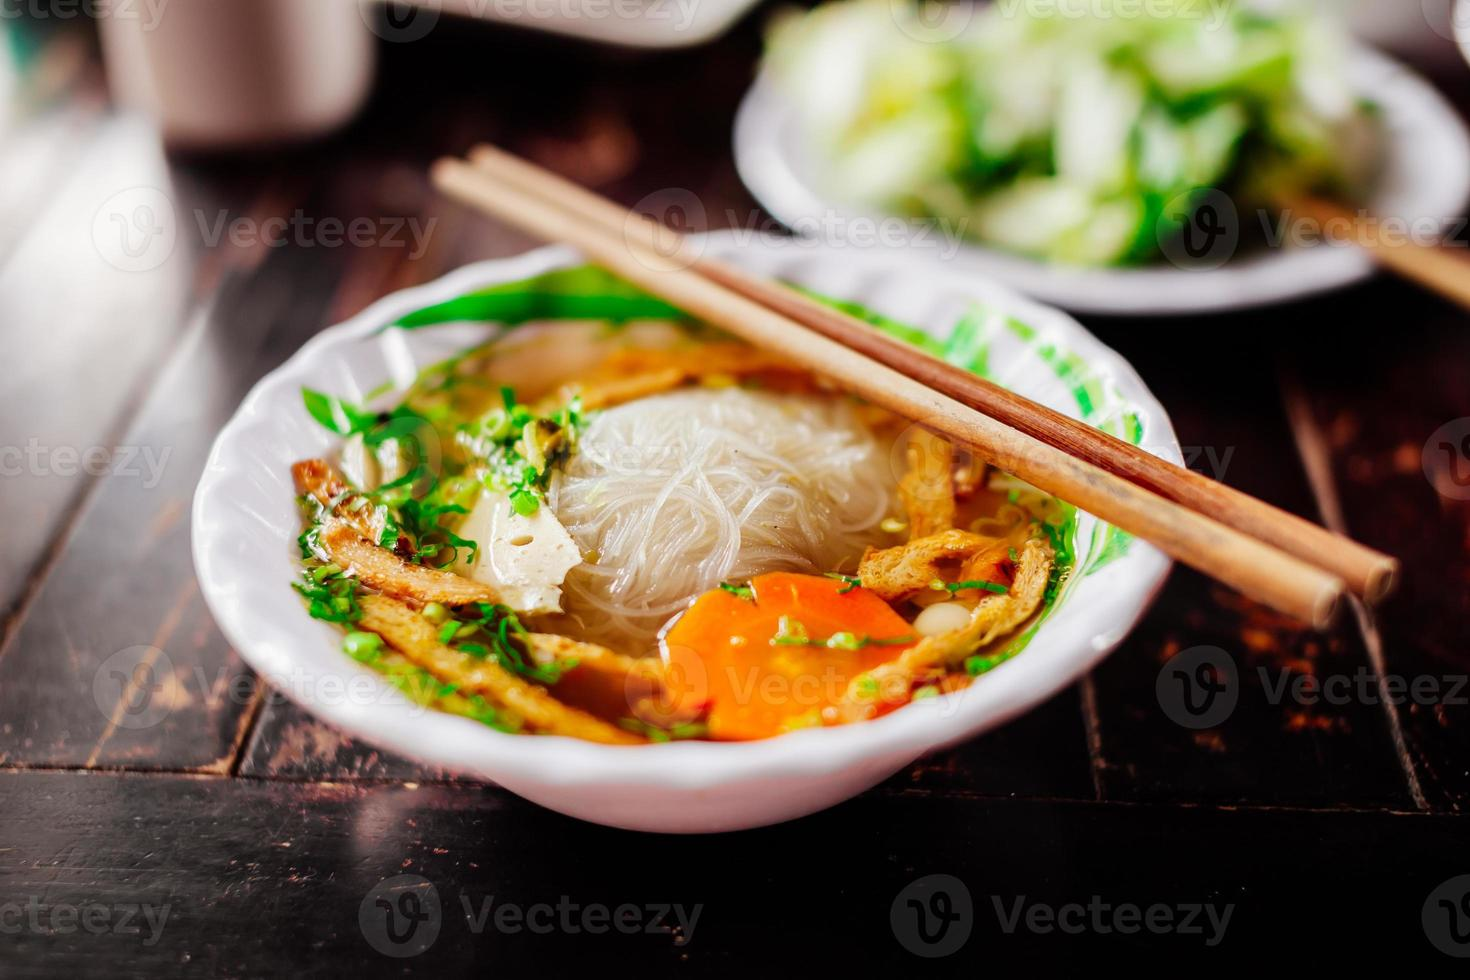 vegetarian noodle soup photo